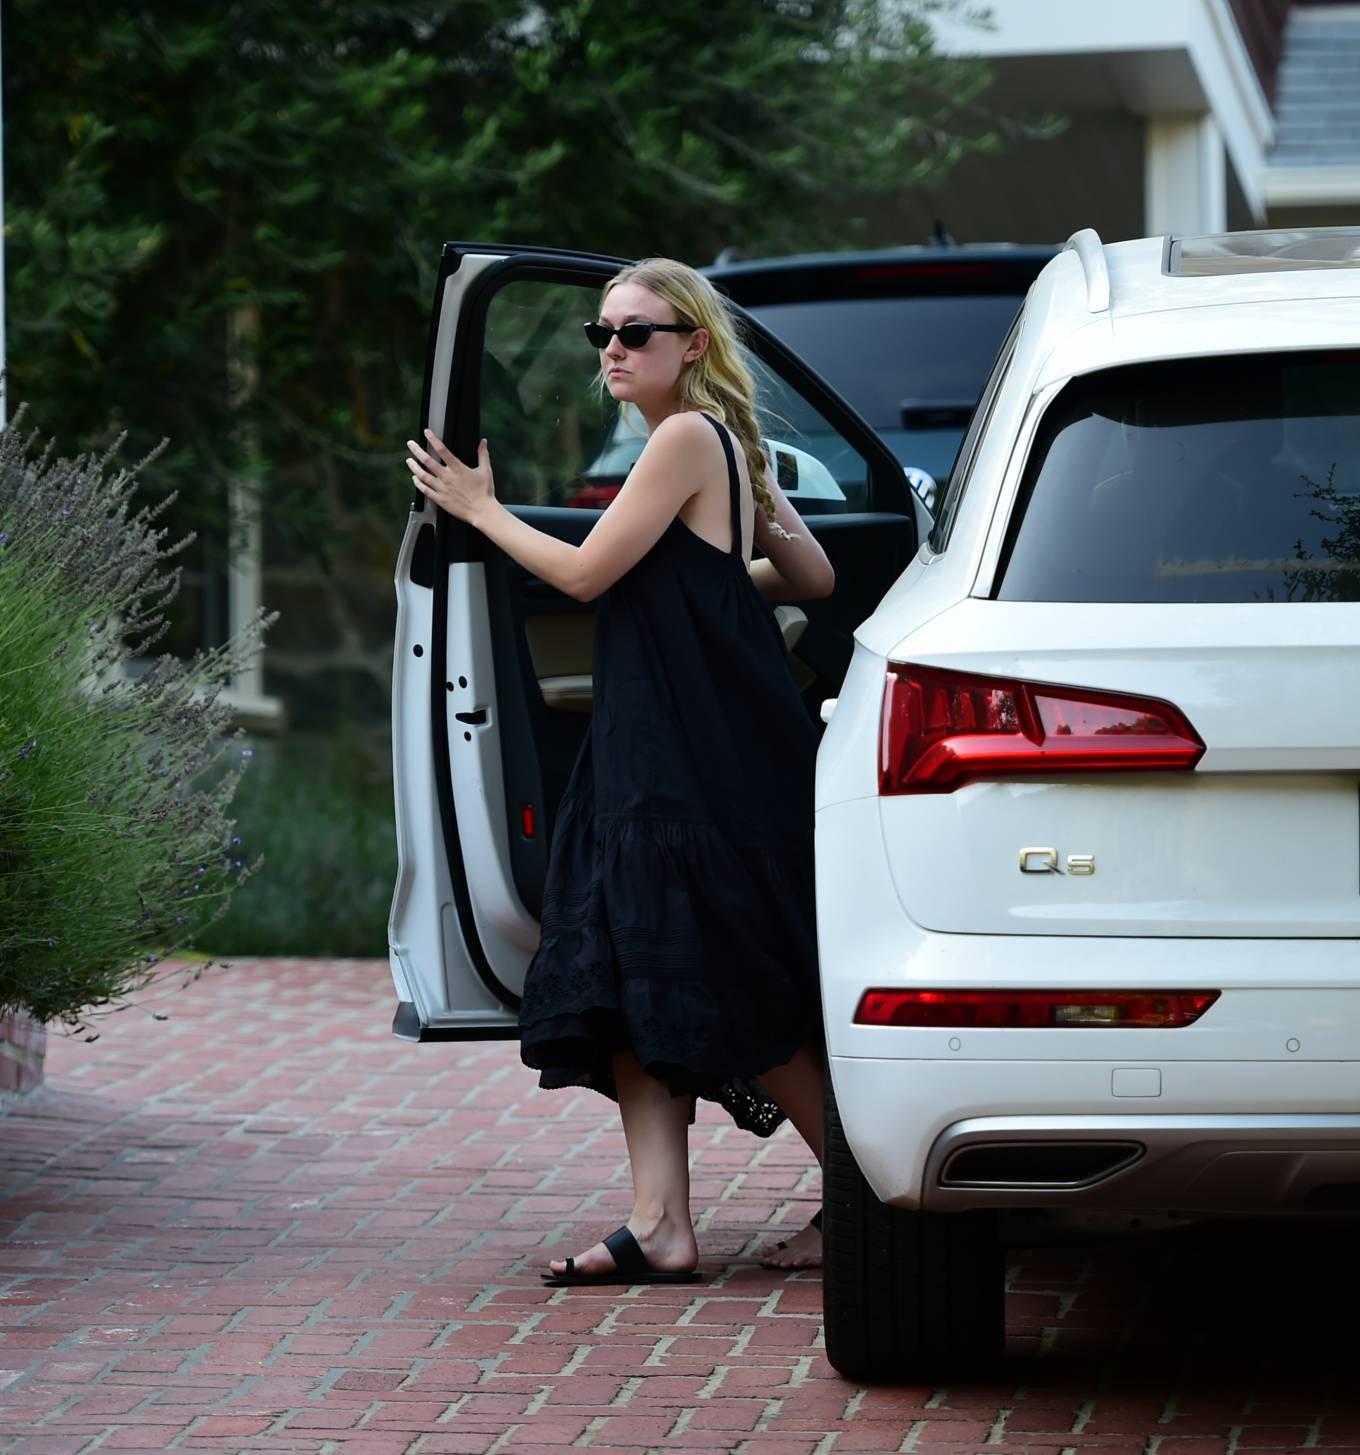 Dakota Fanning 2020 : Dakota Fanning – Out from a car in Los Angeles-13